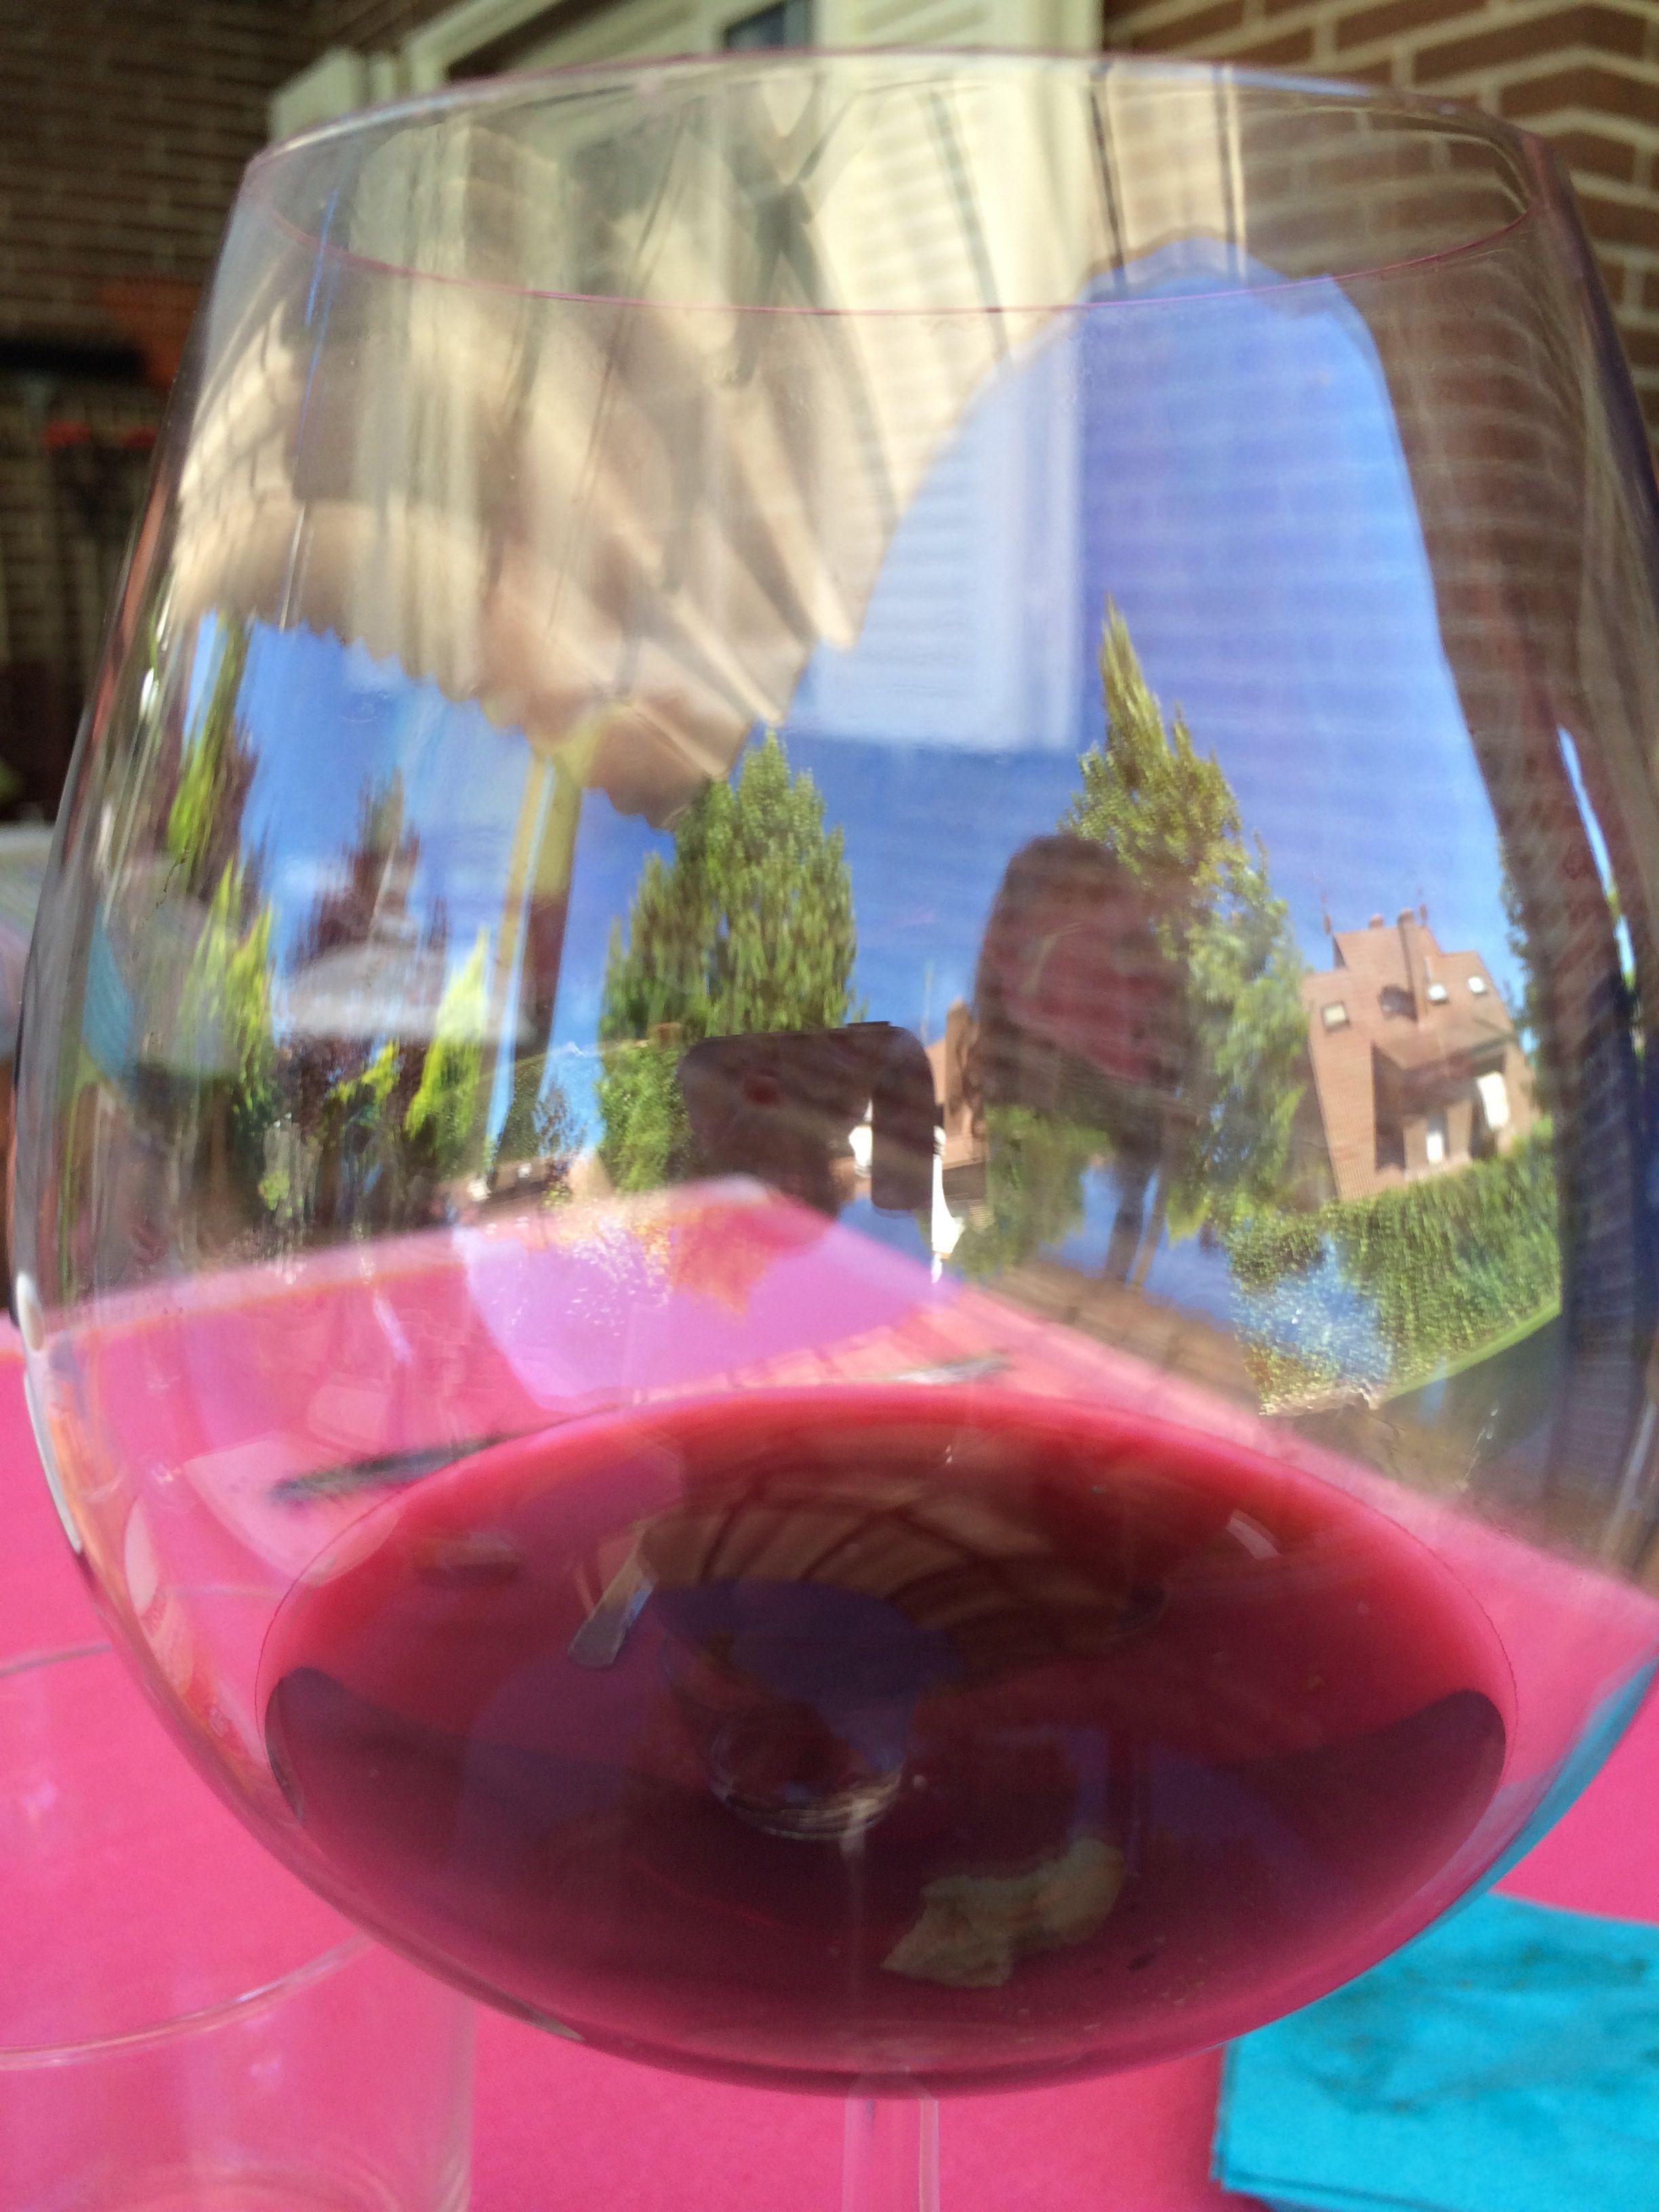 Una Copa De Vino En Una Terraza En Madrid Buen Tiempo Y Buen Entorno Copas De Vino Terrazas Madrid Gastronomia